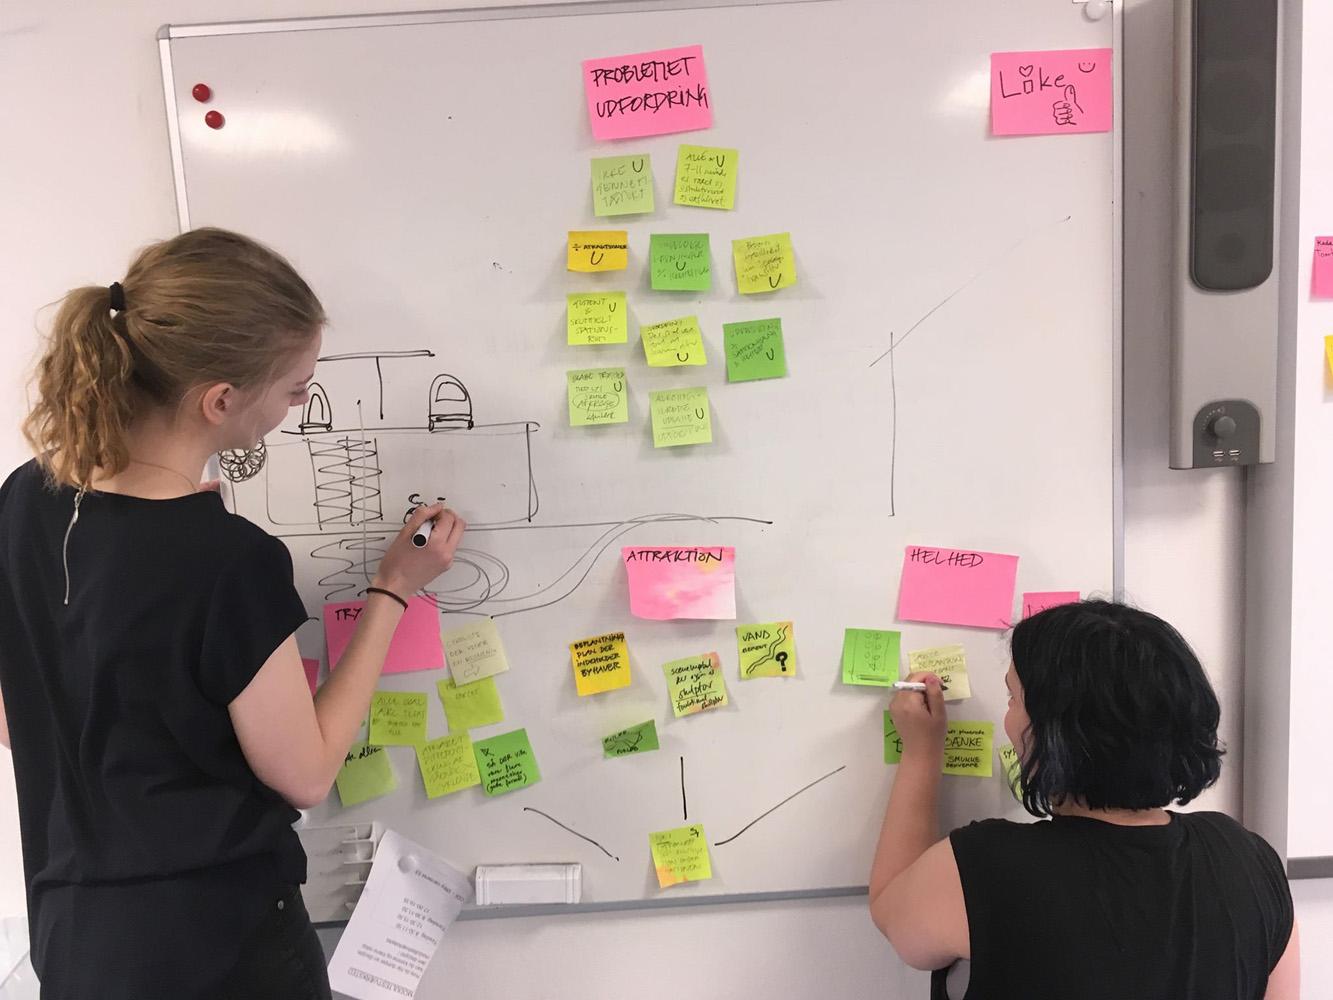 KøgeBilledskole-BGK-arbejde-med-designprocessen01